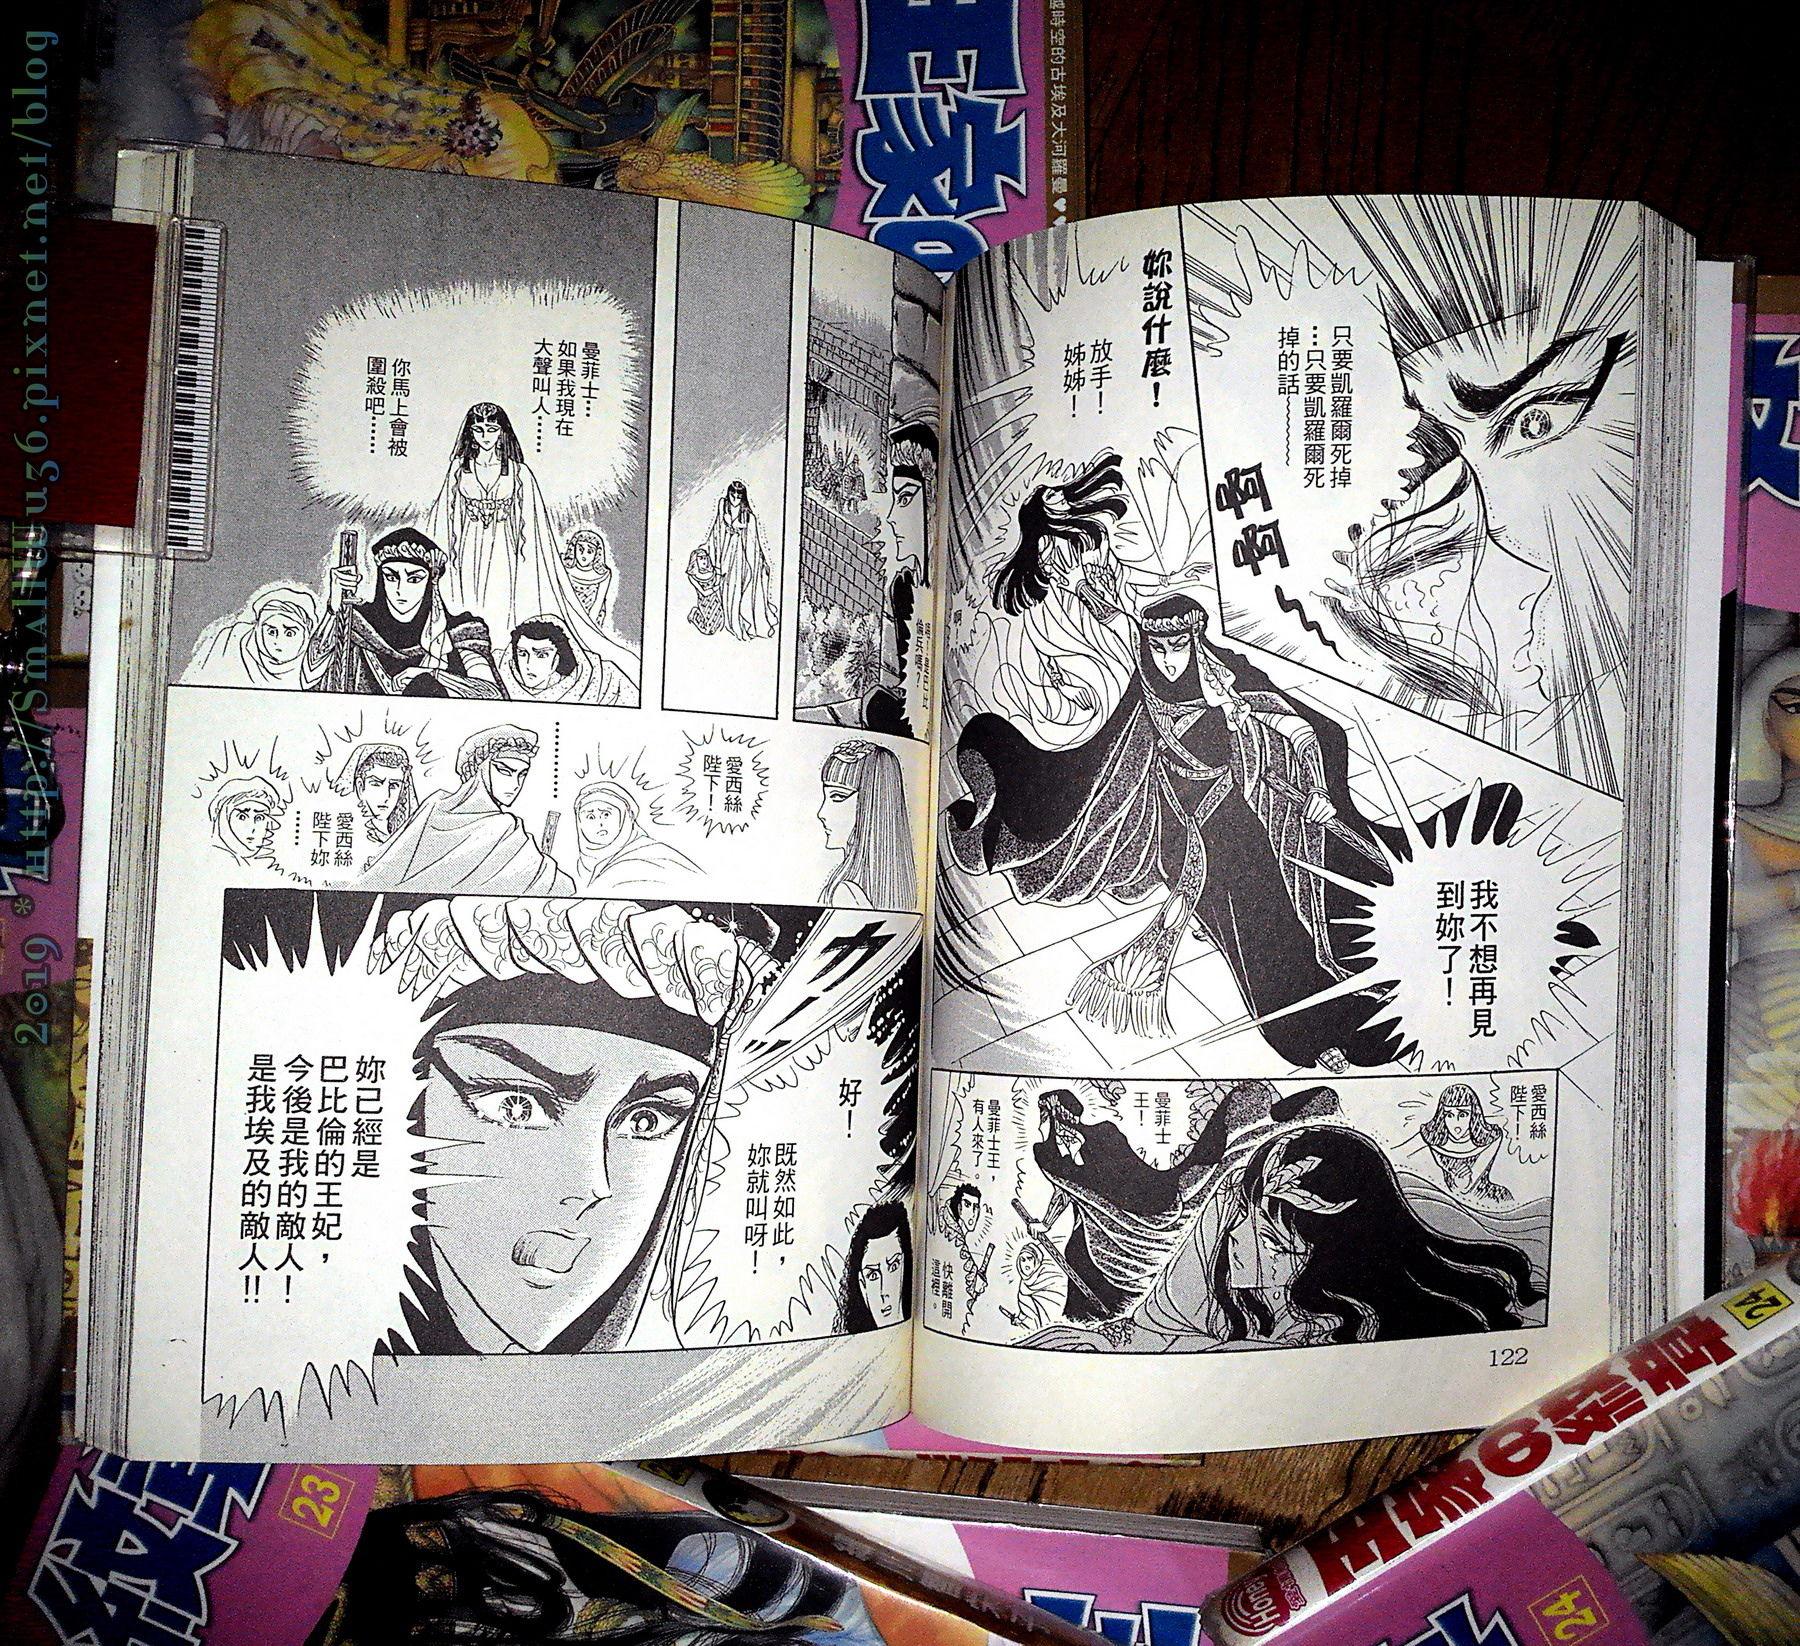 細川智榮子-王家的紋章(尼羅河女兒) 4-24 (長鴻)  vol_17.jpg